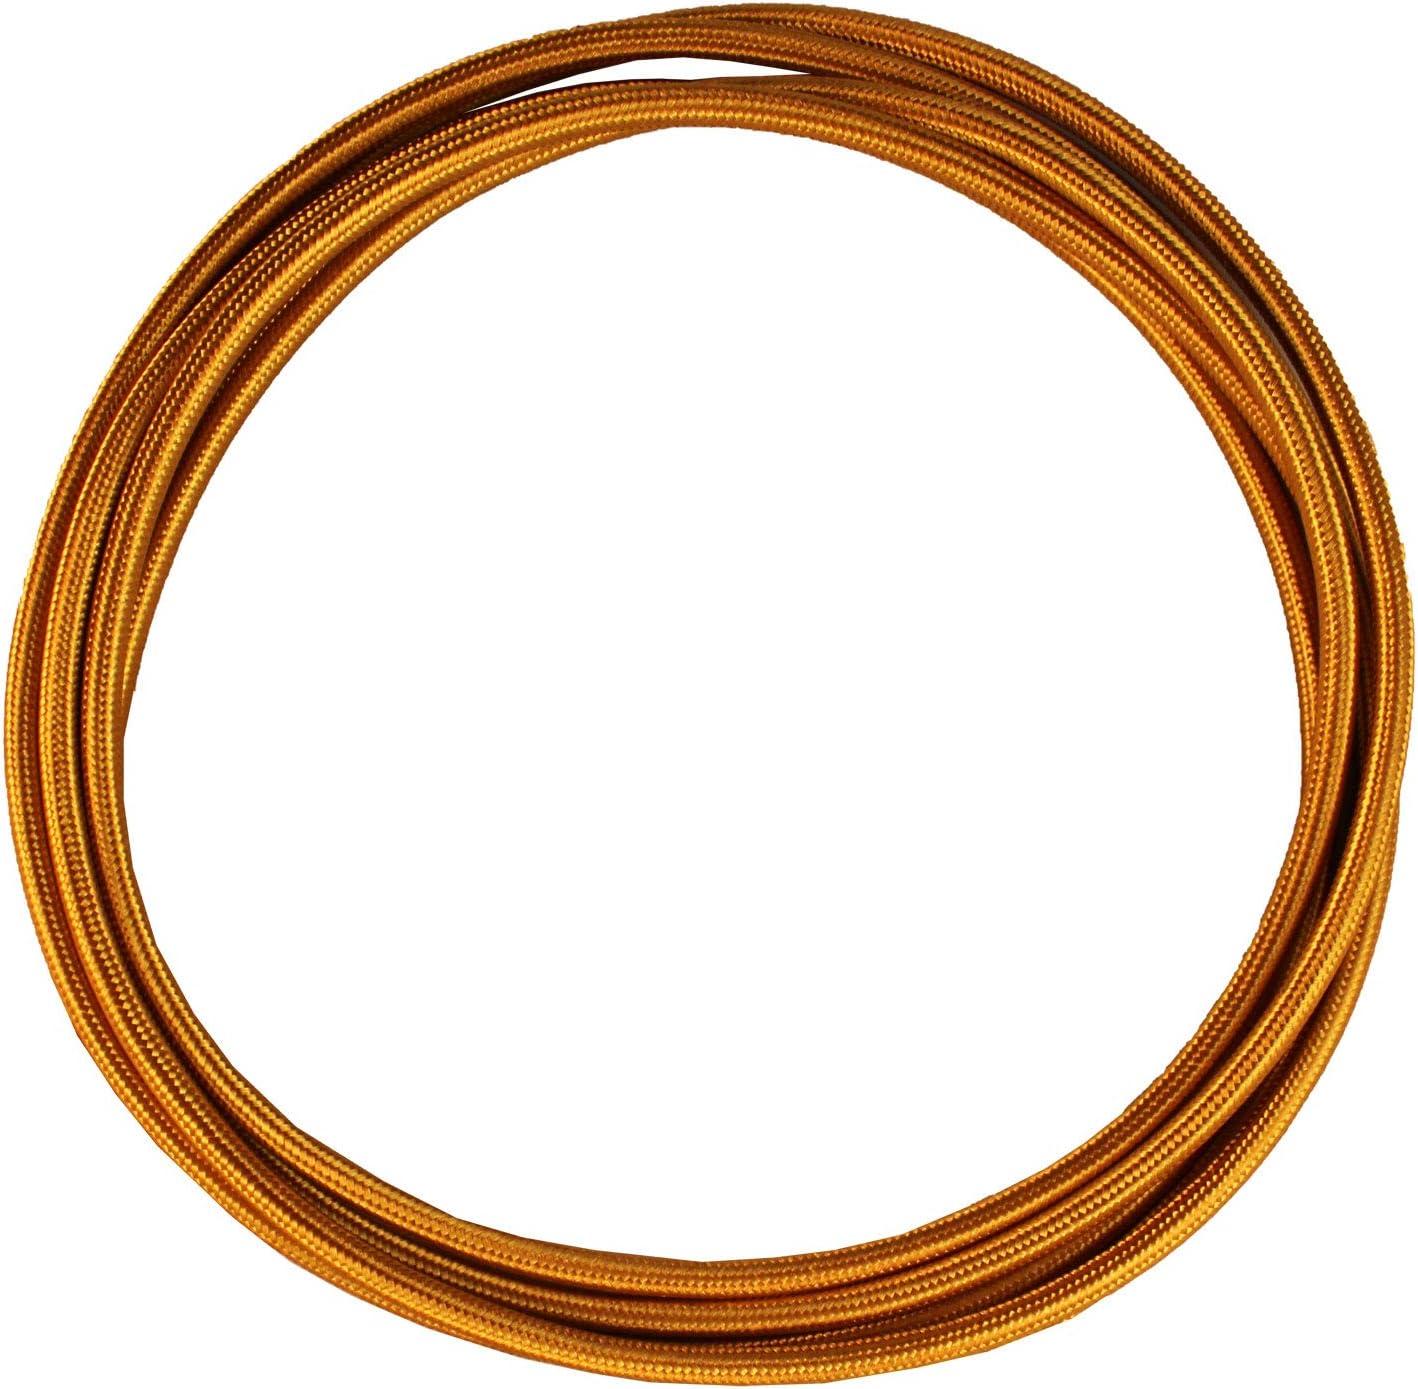 smartect Cable para l/ámparas de tela en color Dorado/ 3 x 0,75 mm/² 3 hilos - Cable de luz con revestimiento textil Cable textil trenzado de 5 Metro